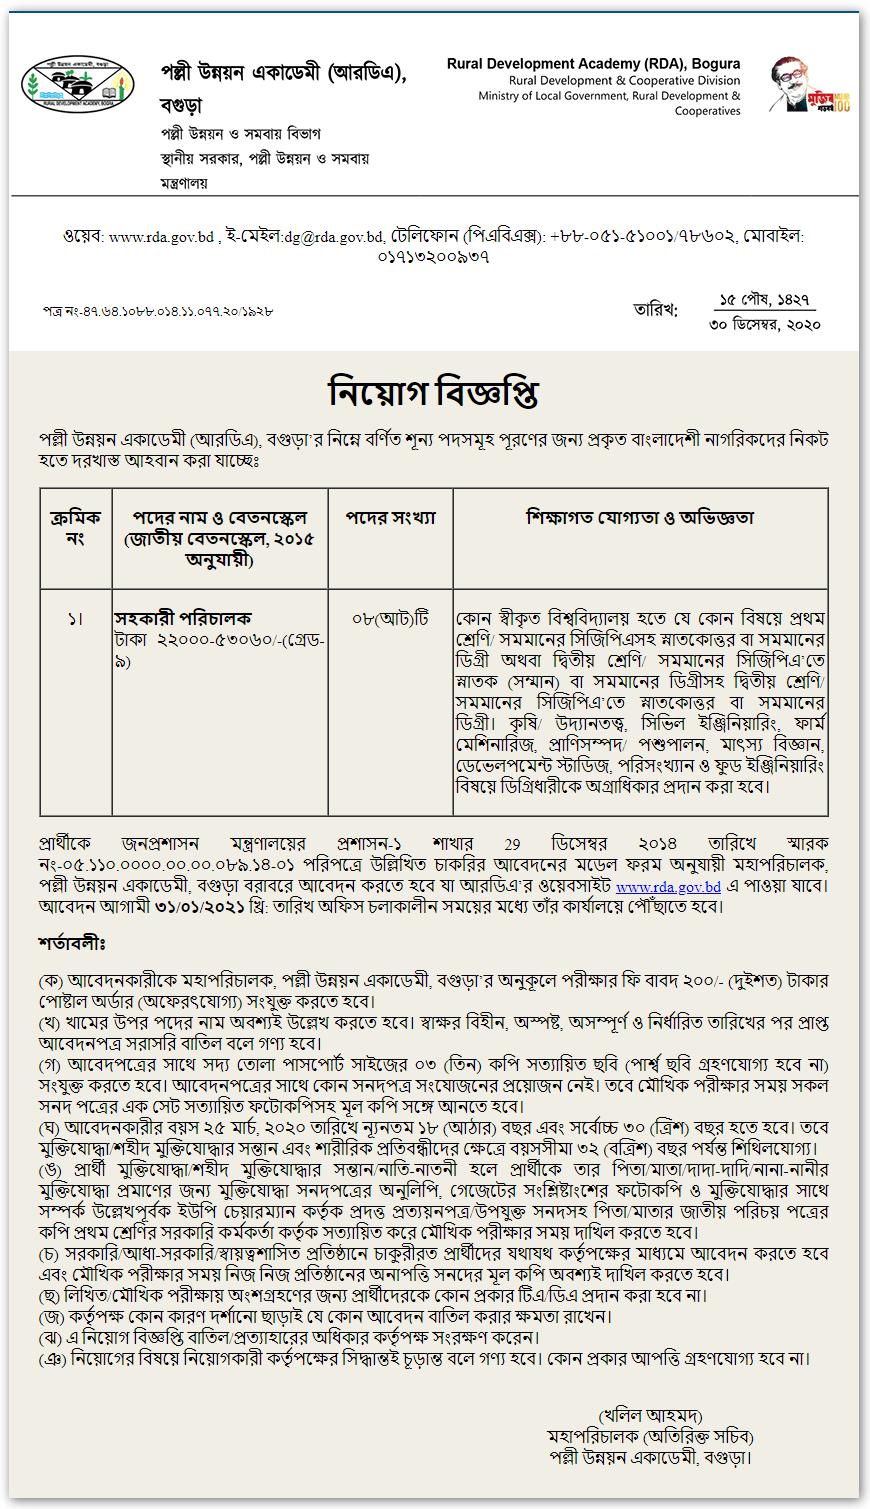 RDA job circular 2021